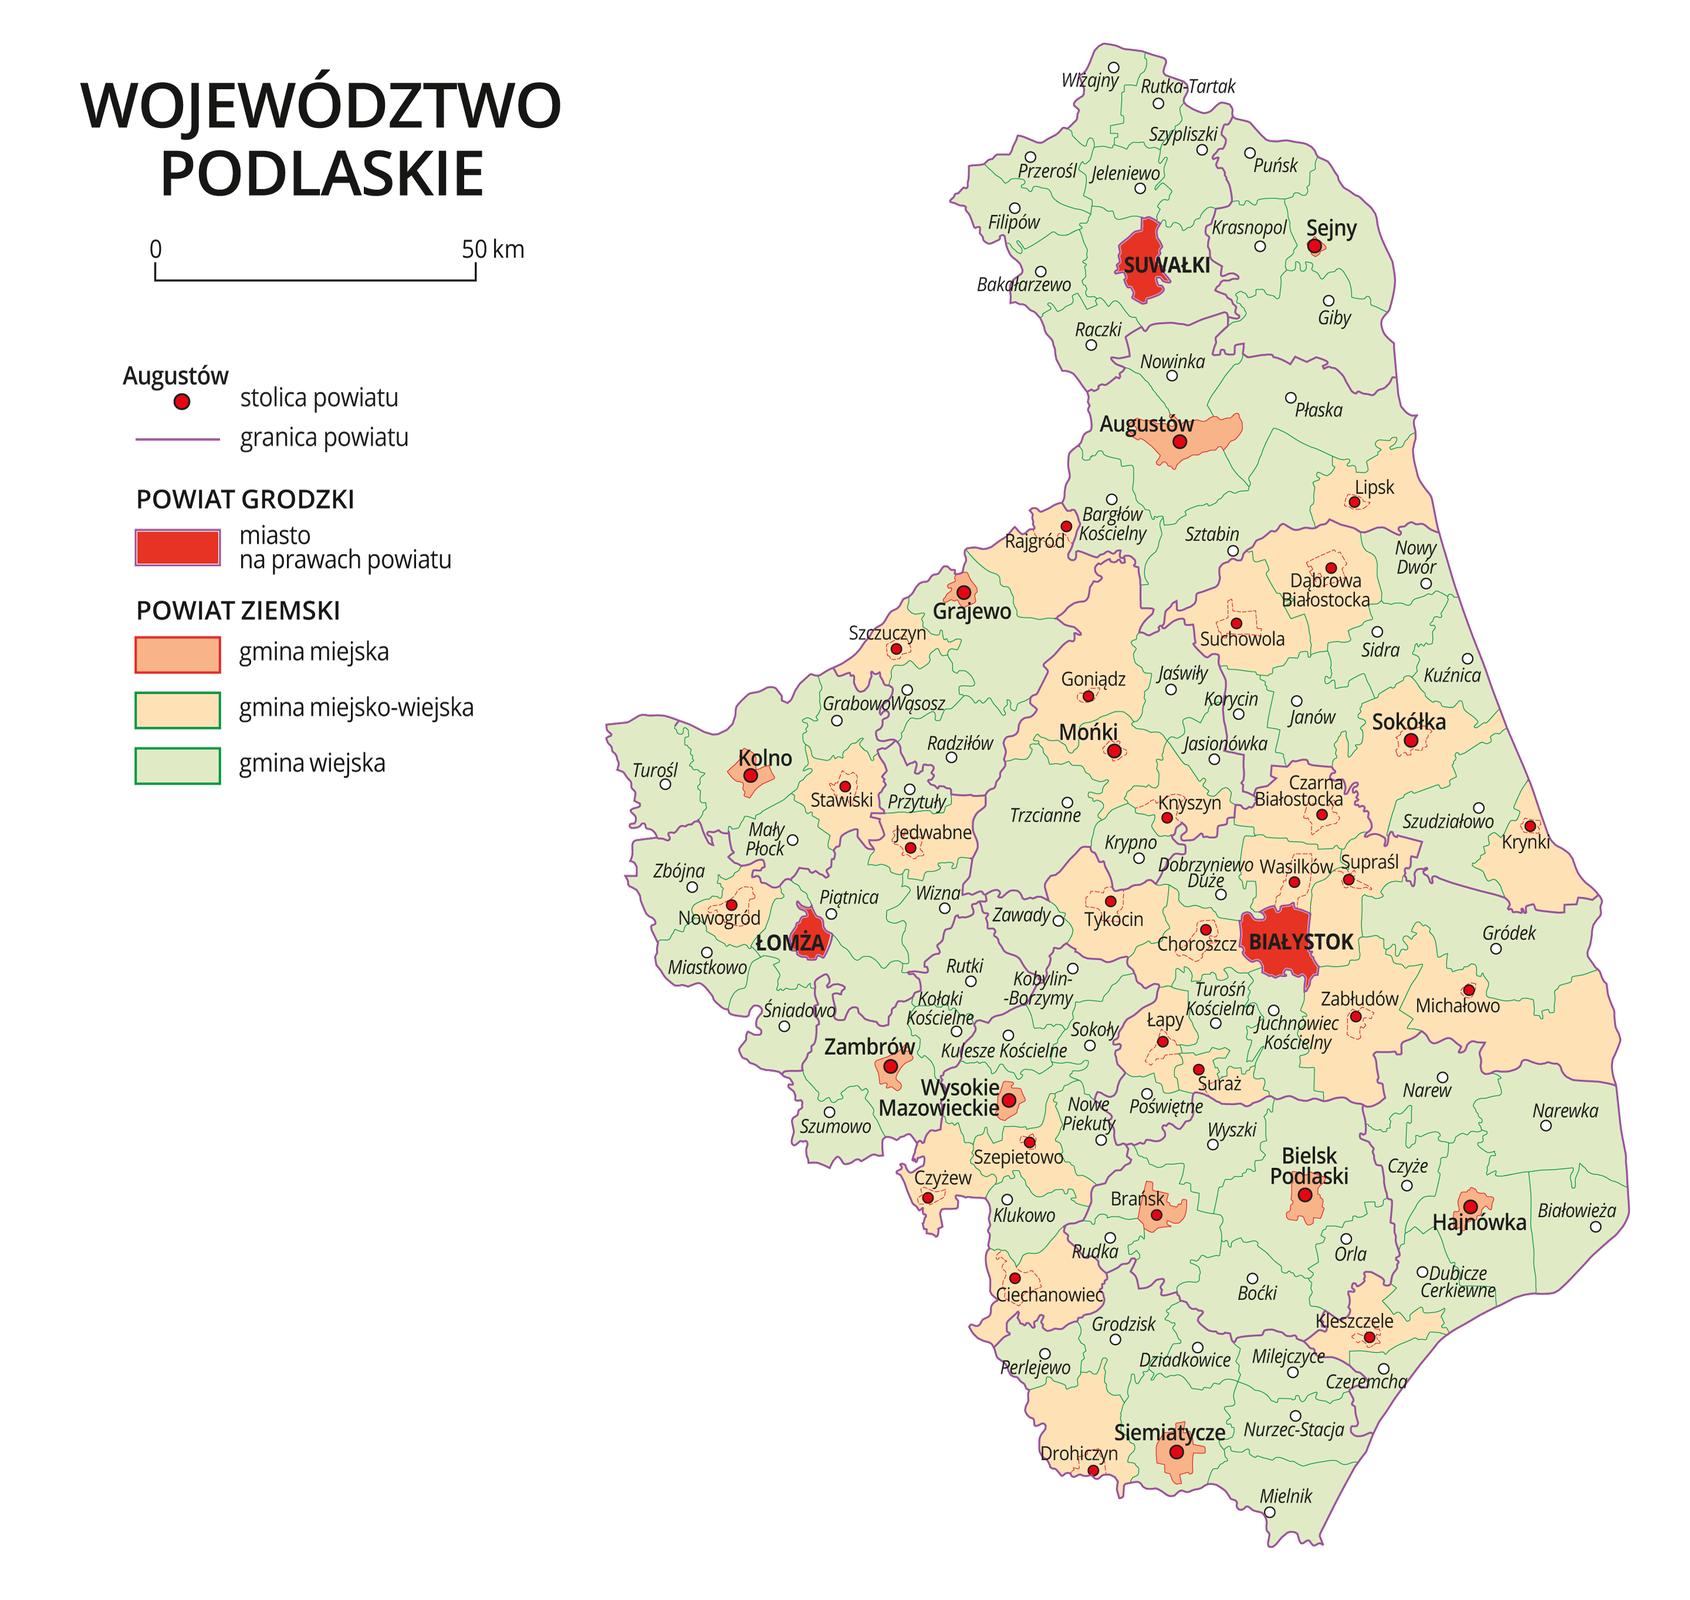 Mapa województwa podlaskiego. Na mapie fioletowymi liniami zaznaczono granice powiatów ziemskich, dużymi czerwonymi kropkami zaznaczono miasta będące stolicami powiatów. Wobrębie powiatów ziemskich kolorami wyróżniono gminy miejskie, miejsko-wiejskie iwiejskie. Czerwonym kolorem wyróżniono powiaty grodzkie zmiastami na prawach powiatu, miasta te opisano dużymi literami. Kolory iznaki użyte na mapie opisano wlegendzie. Wlegendzie podziałka liniowa.